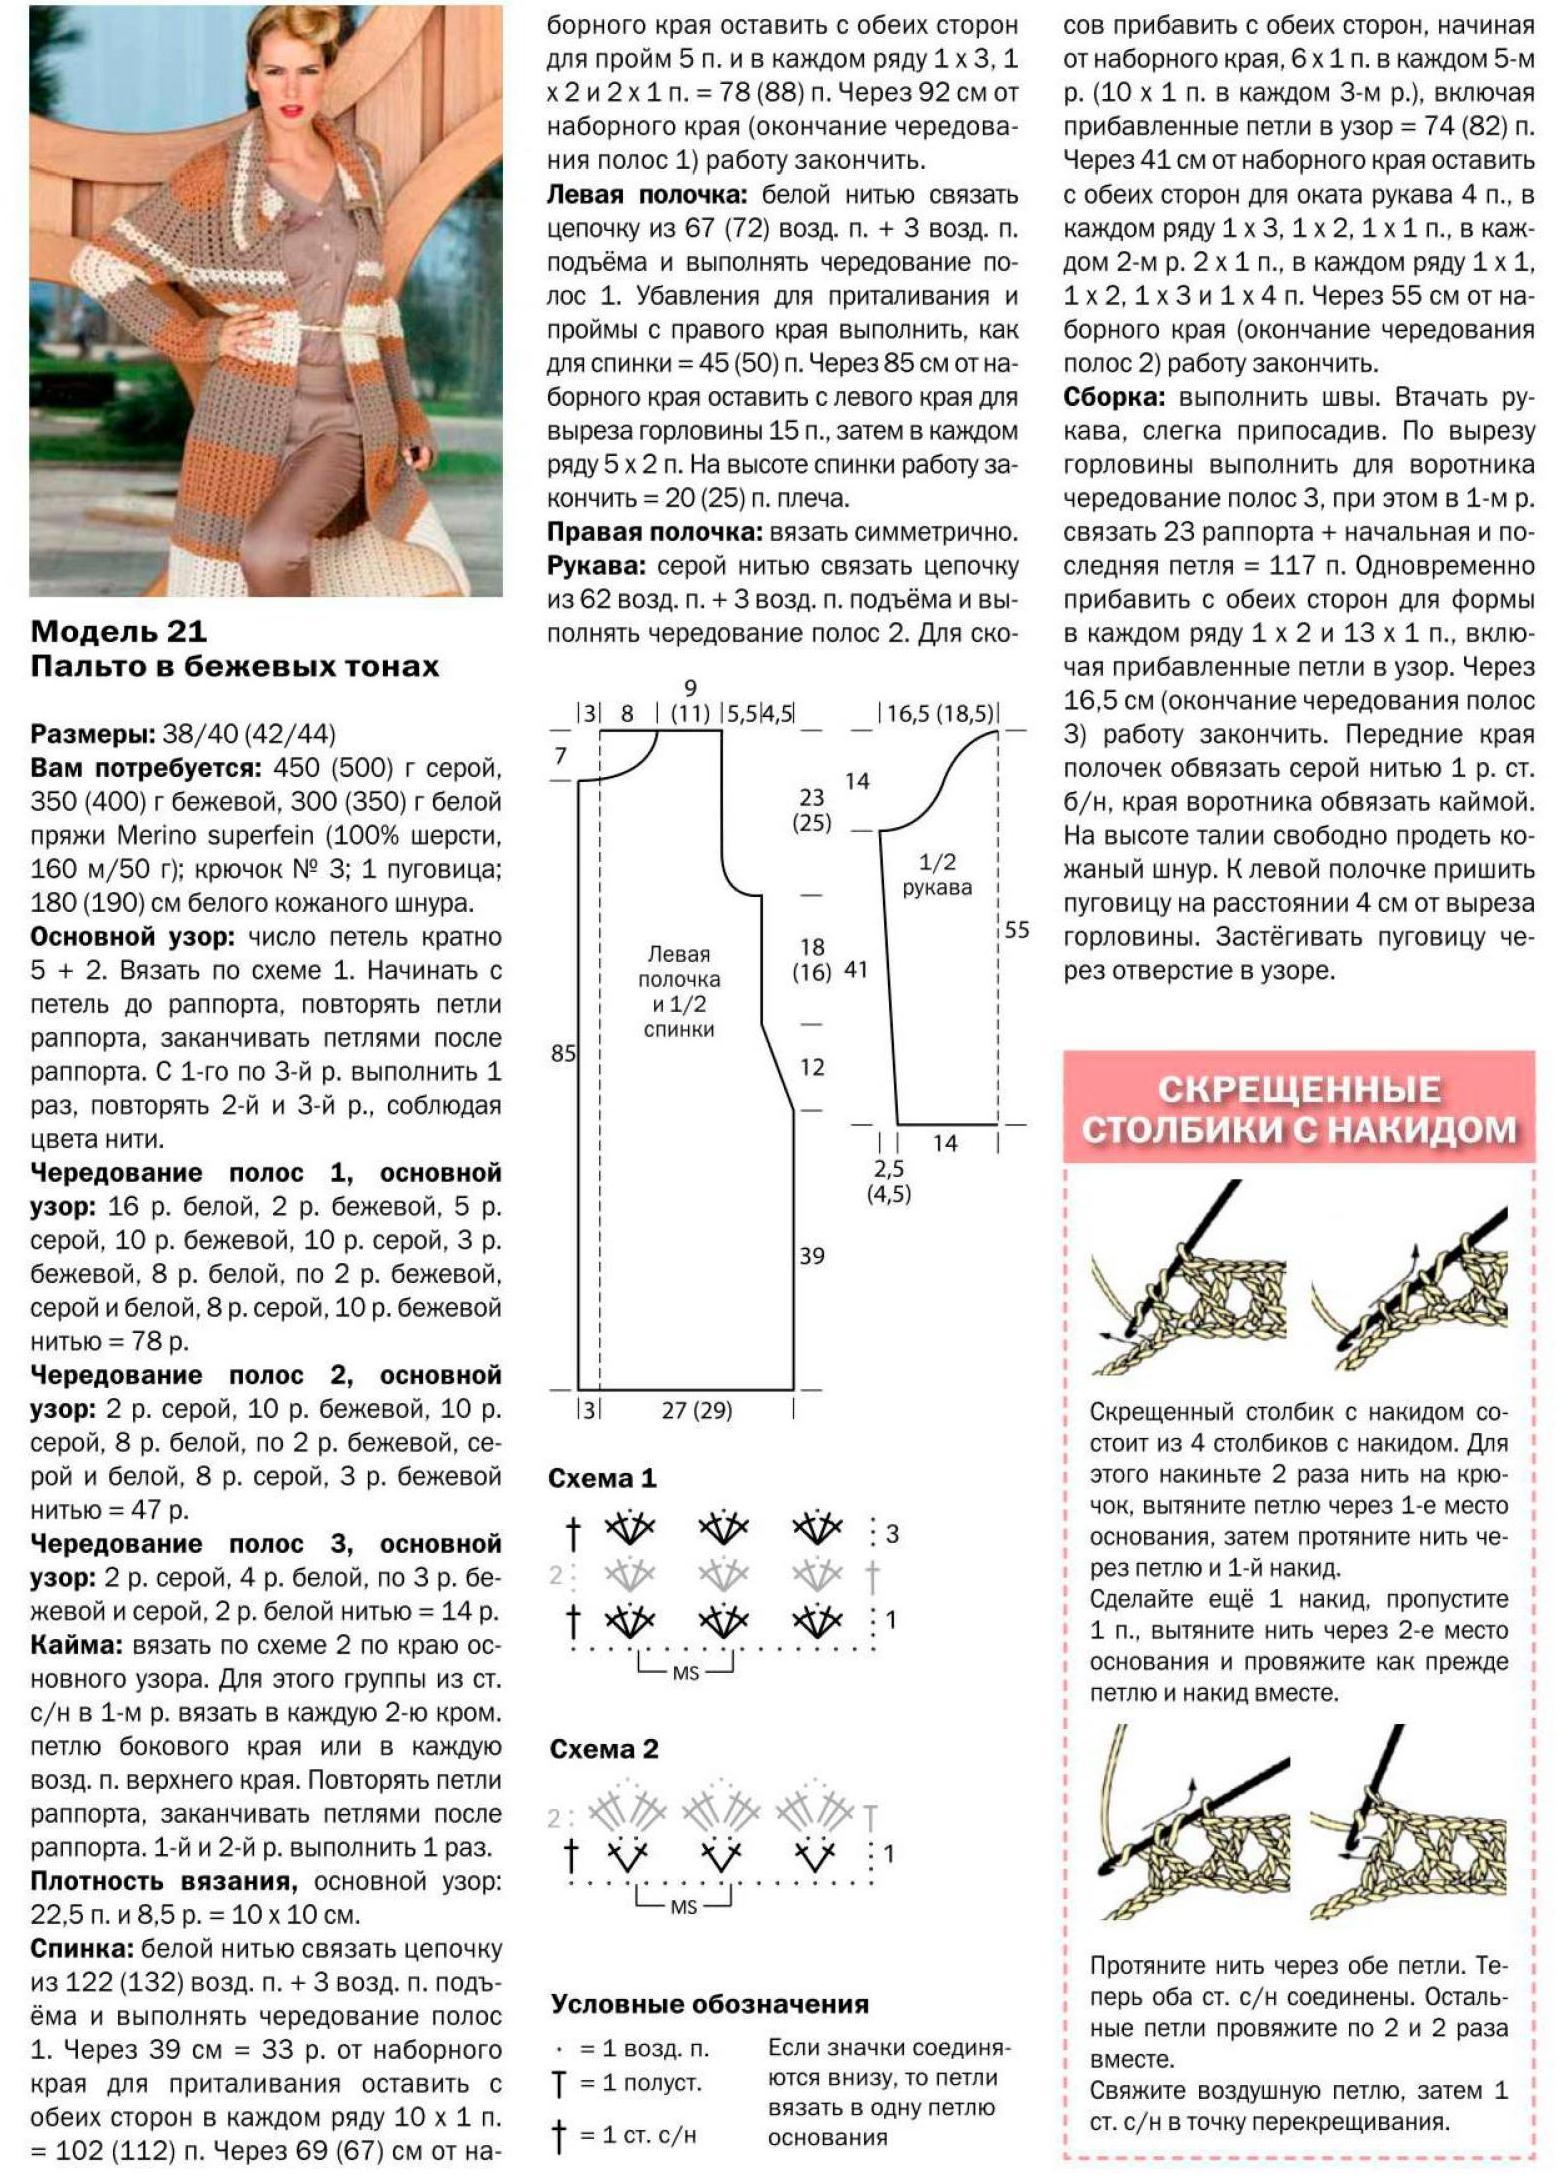 0220_VVHXtra022015_22 (2)